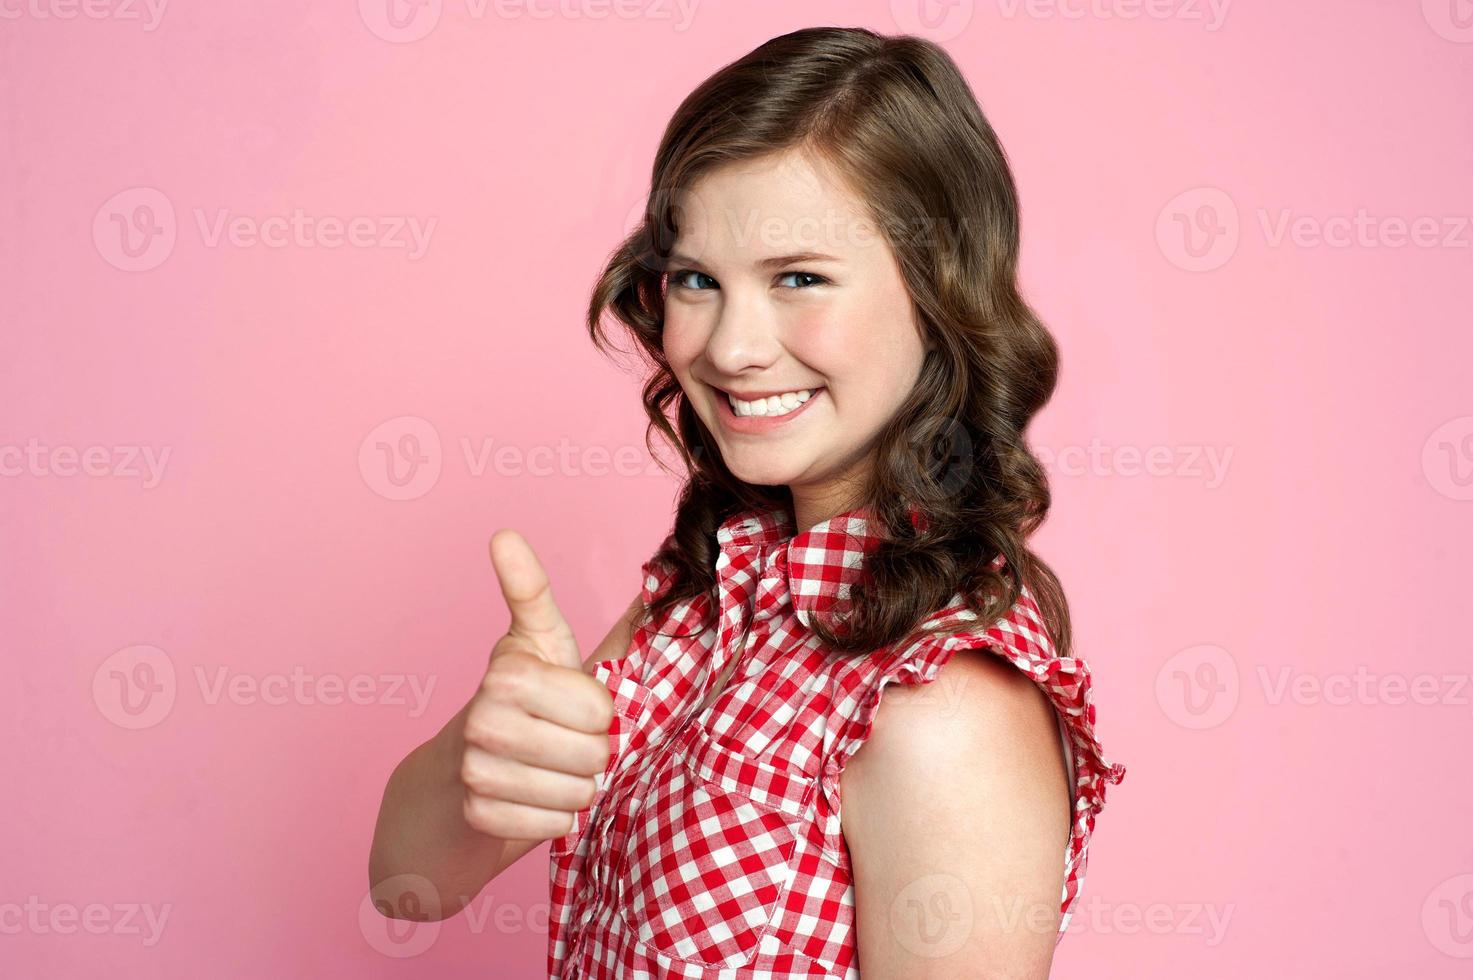 schönes lächelndes Mädchen mit ok Geste foto